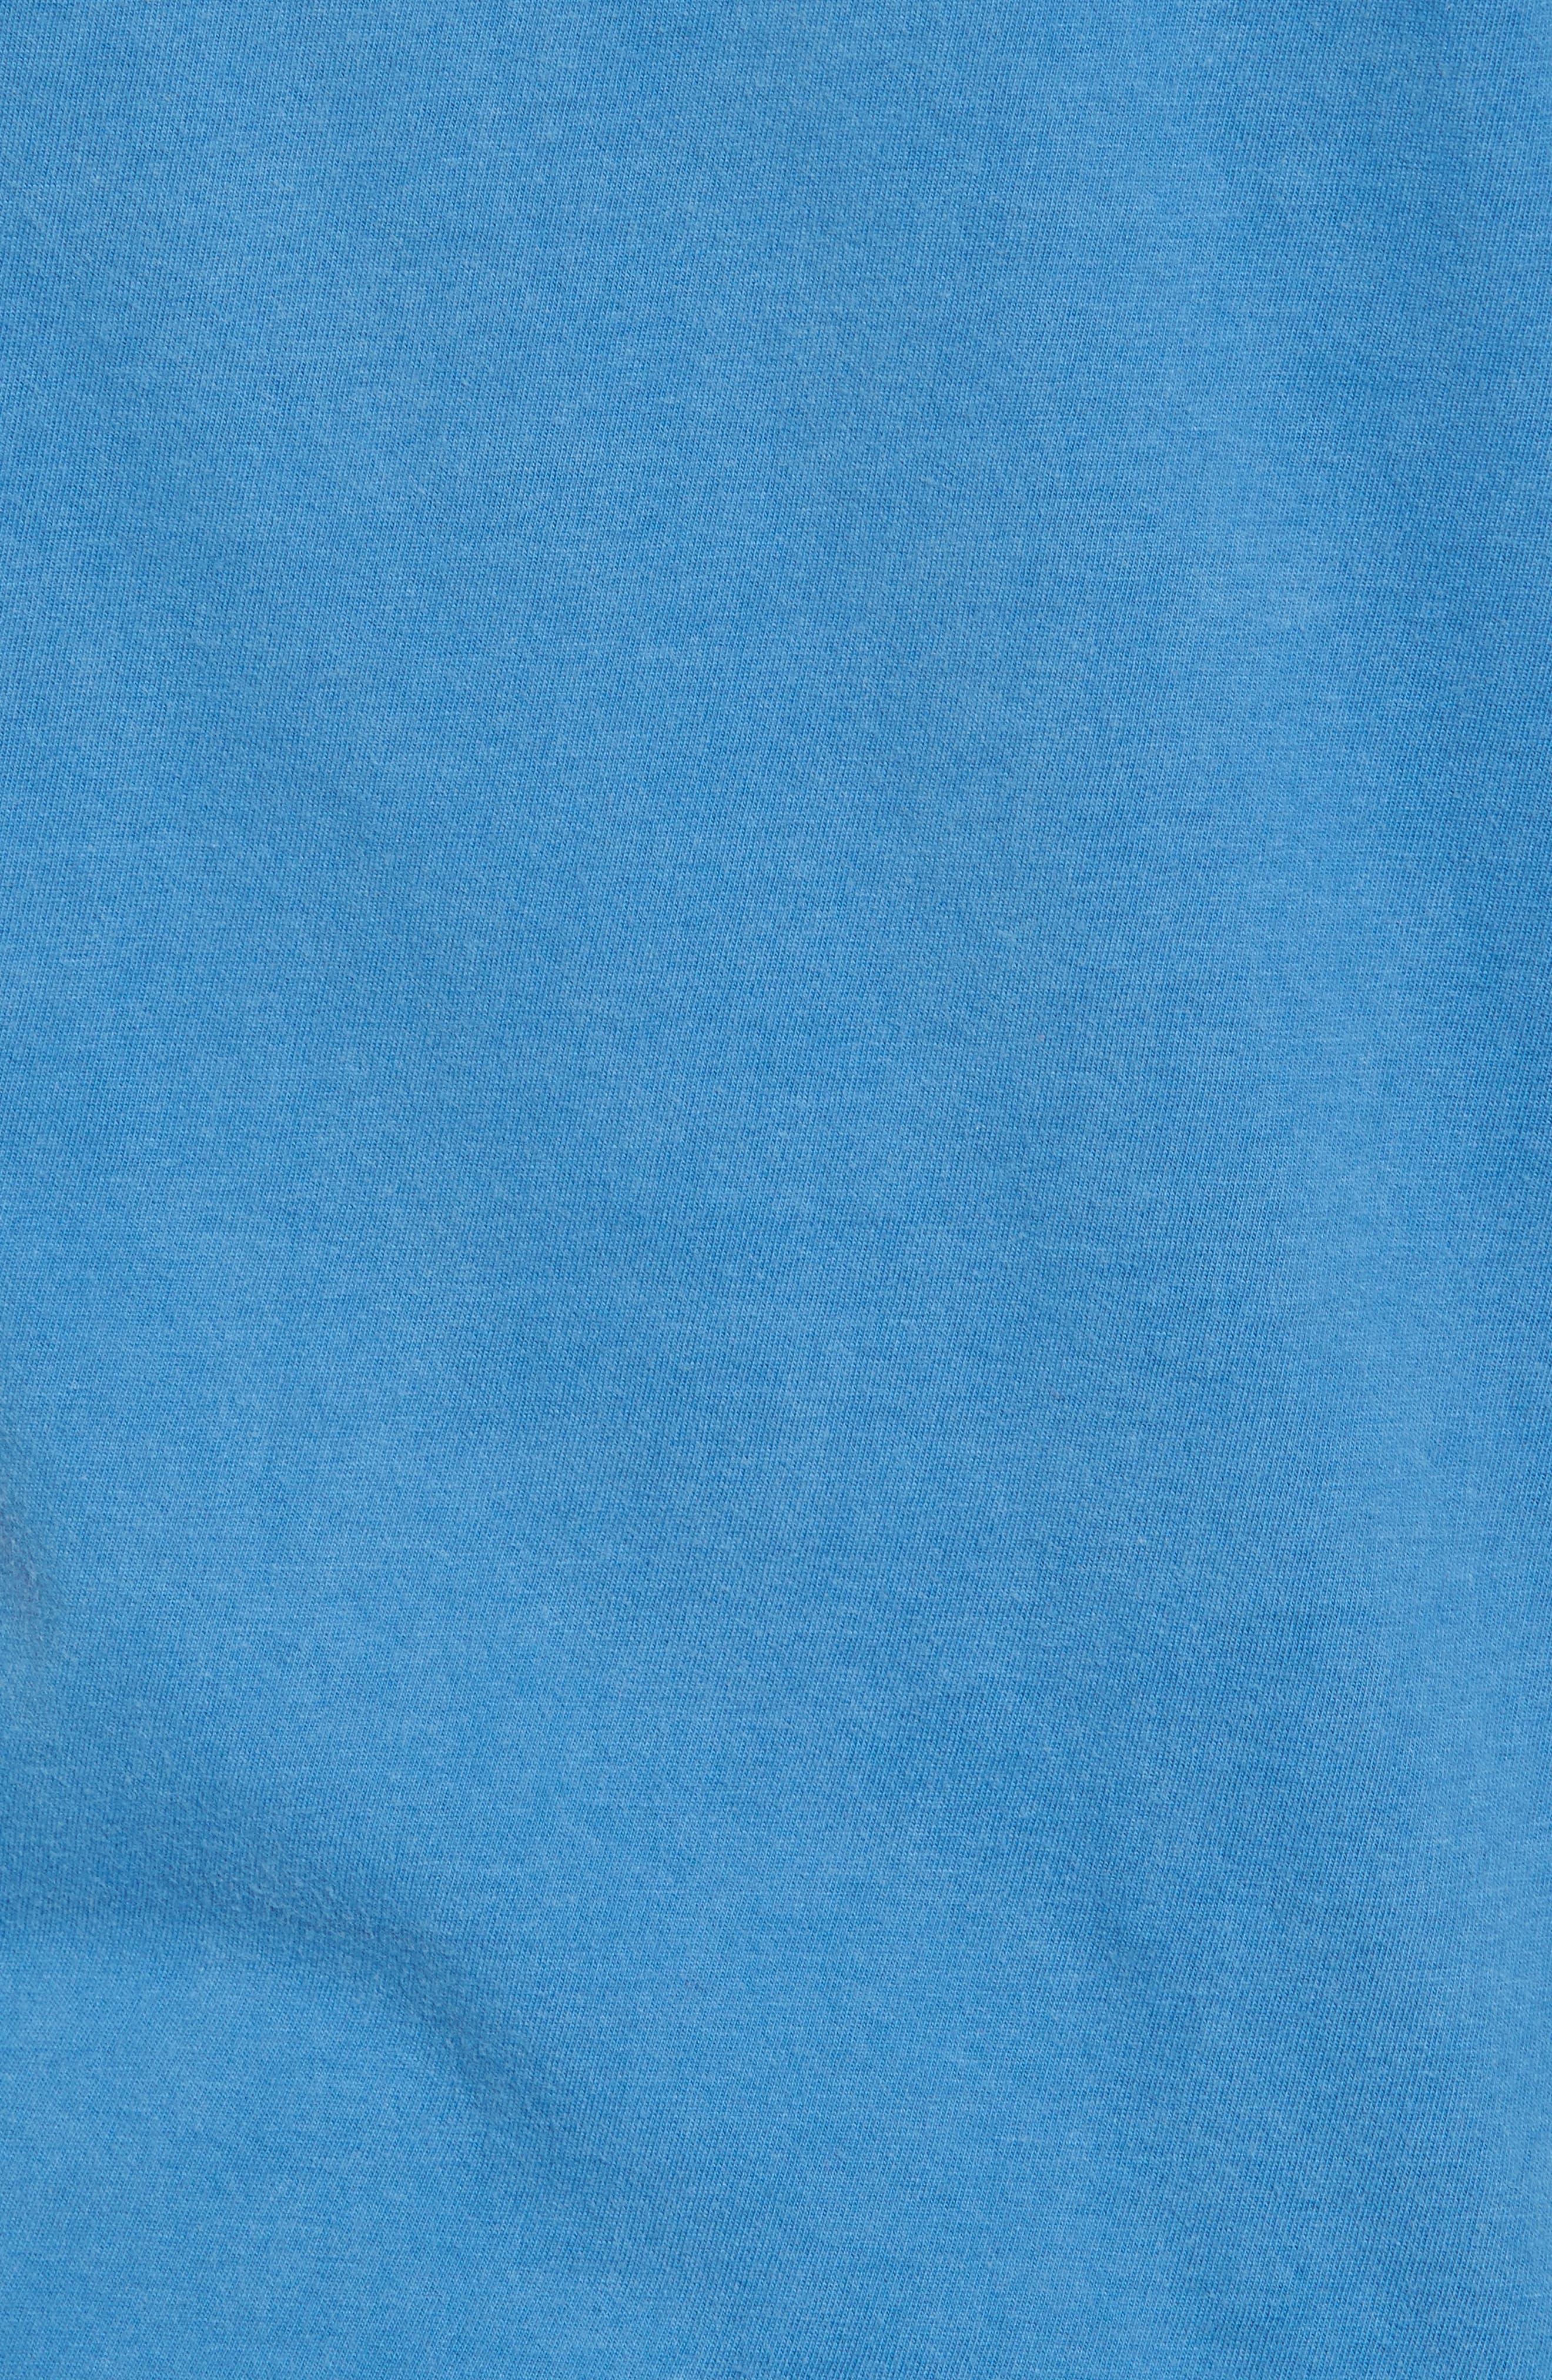 Gresham New York Rangers T-Shirt,                             Alternate thumbnail 5, color,                             450